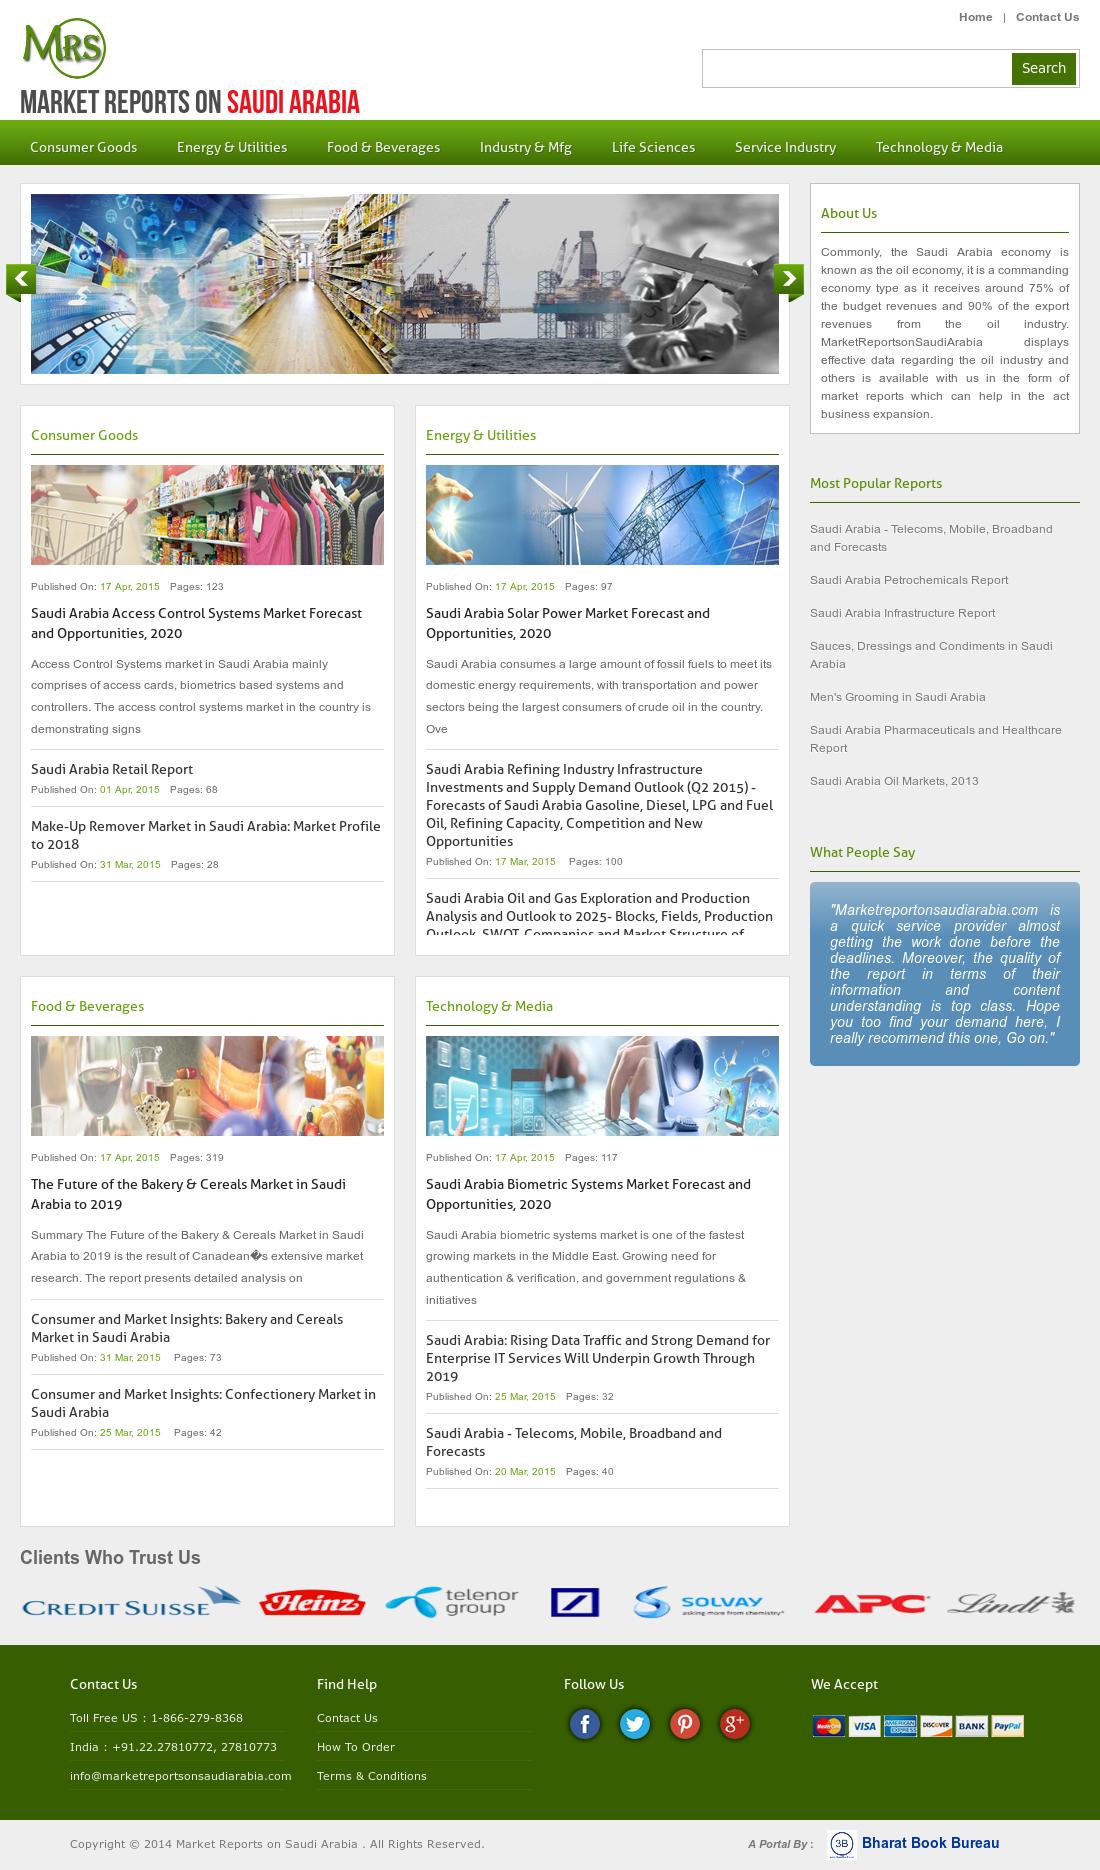 Market Reports On Saudi Arabia Competitors, Revenue and